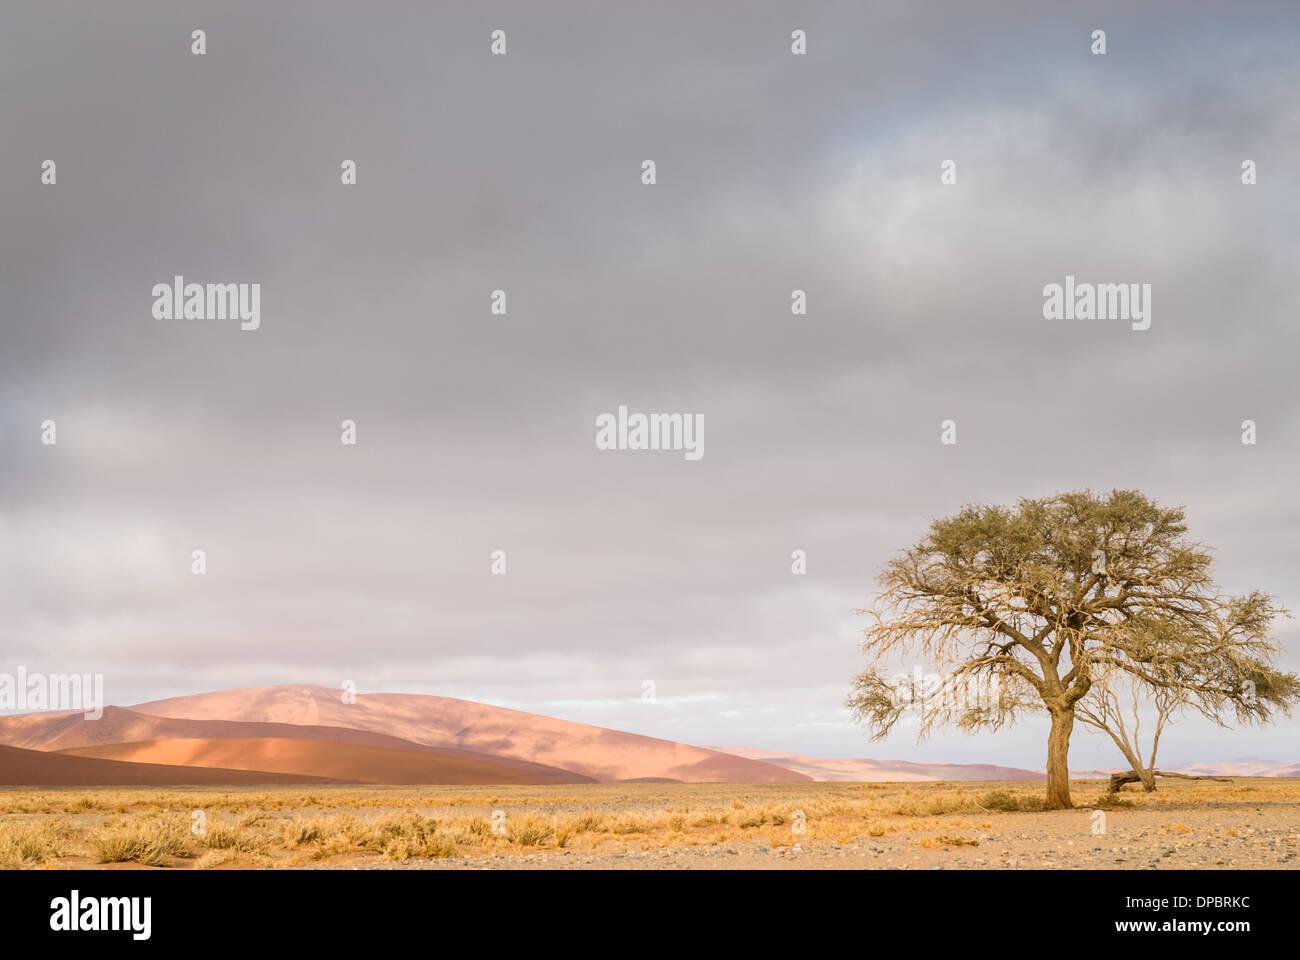 Foggy sunrise over the dunes of Namib  Naukluft National Park, Sossusvlei, Namibia, Africa. - Stock Image